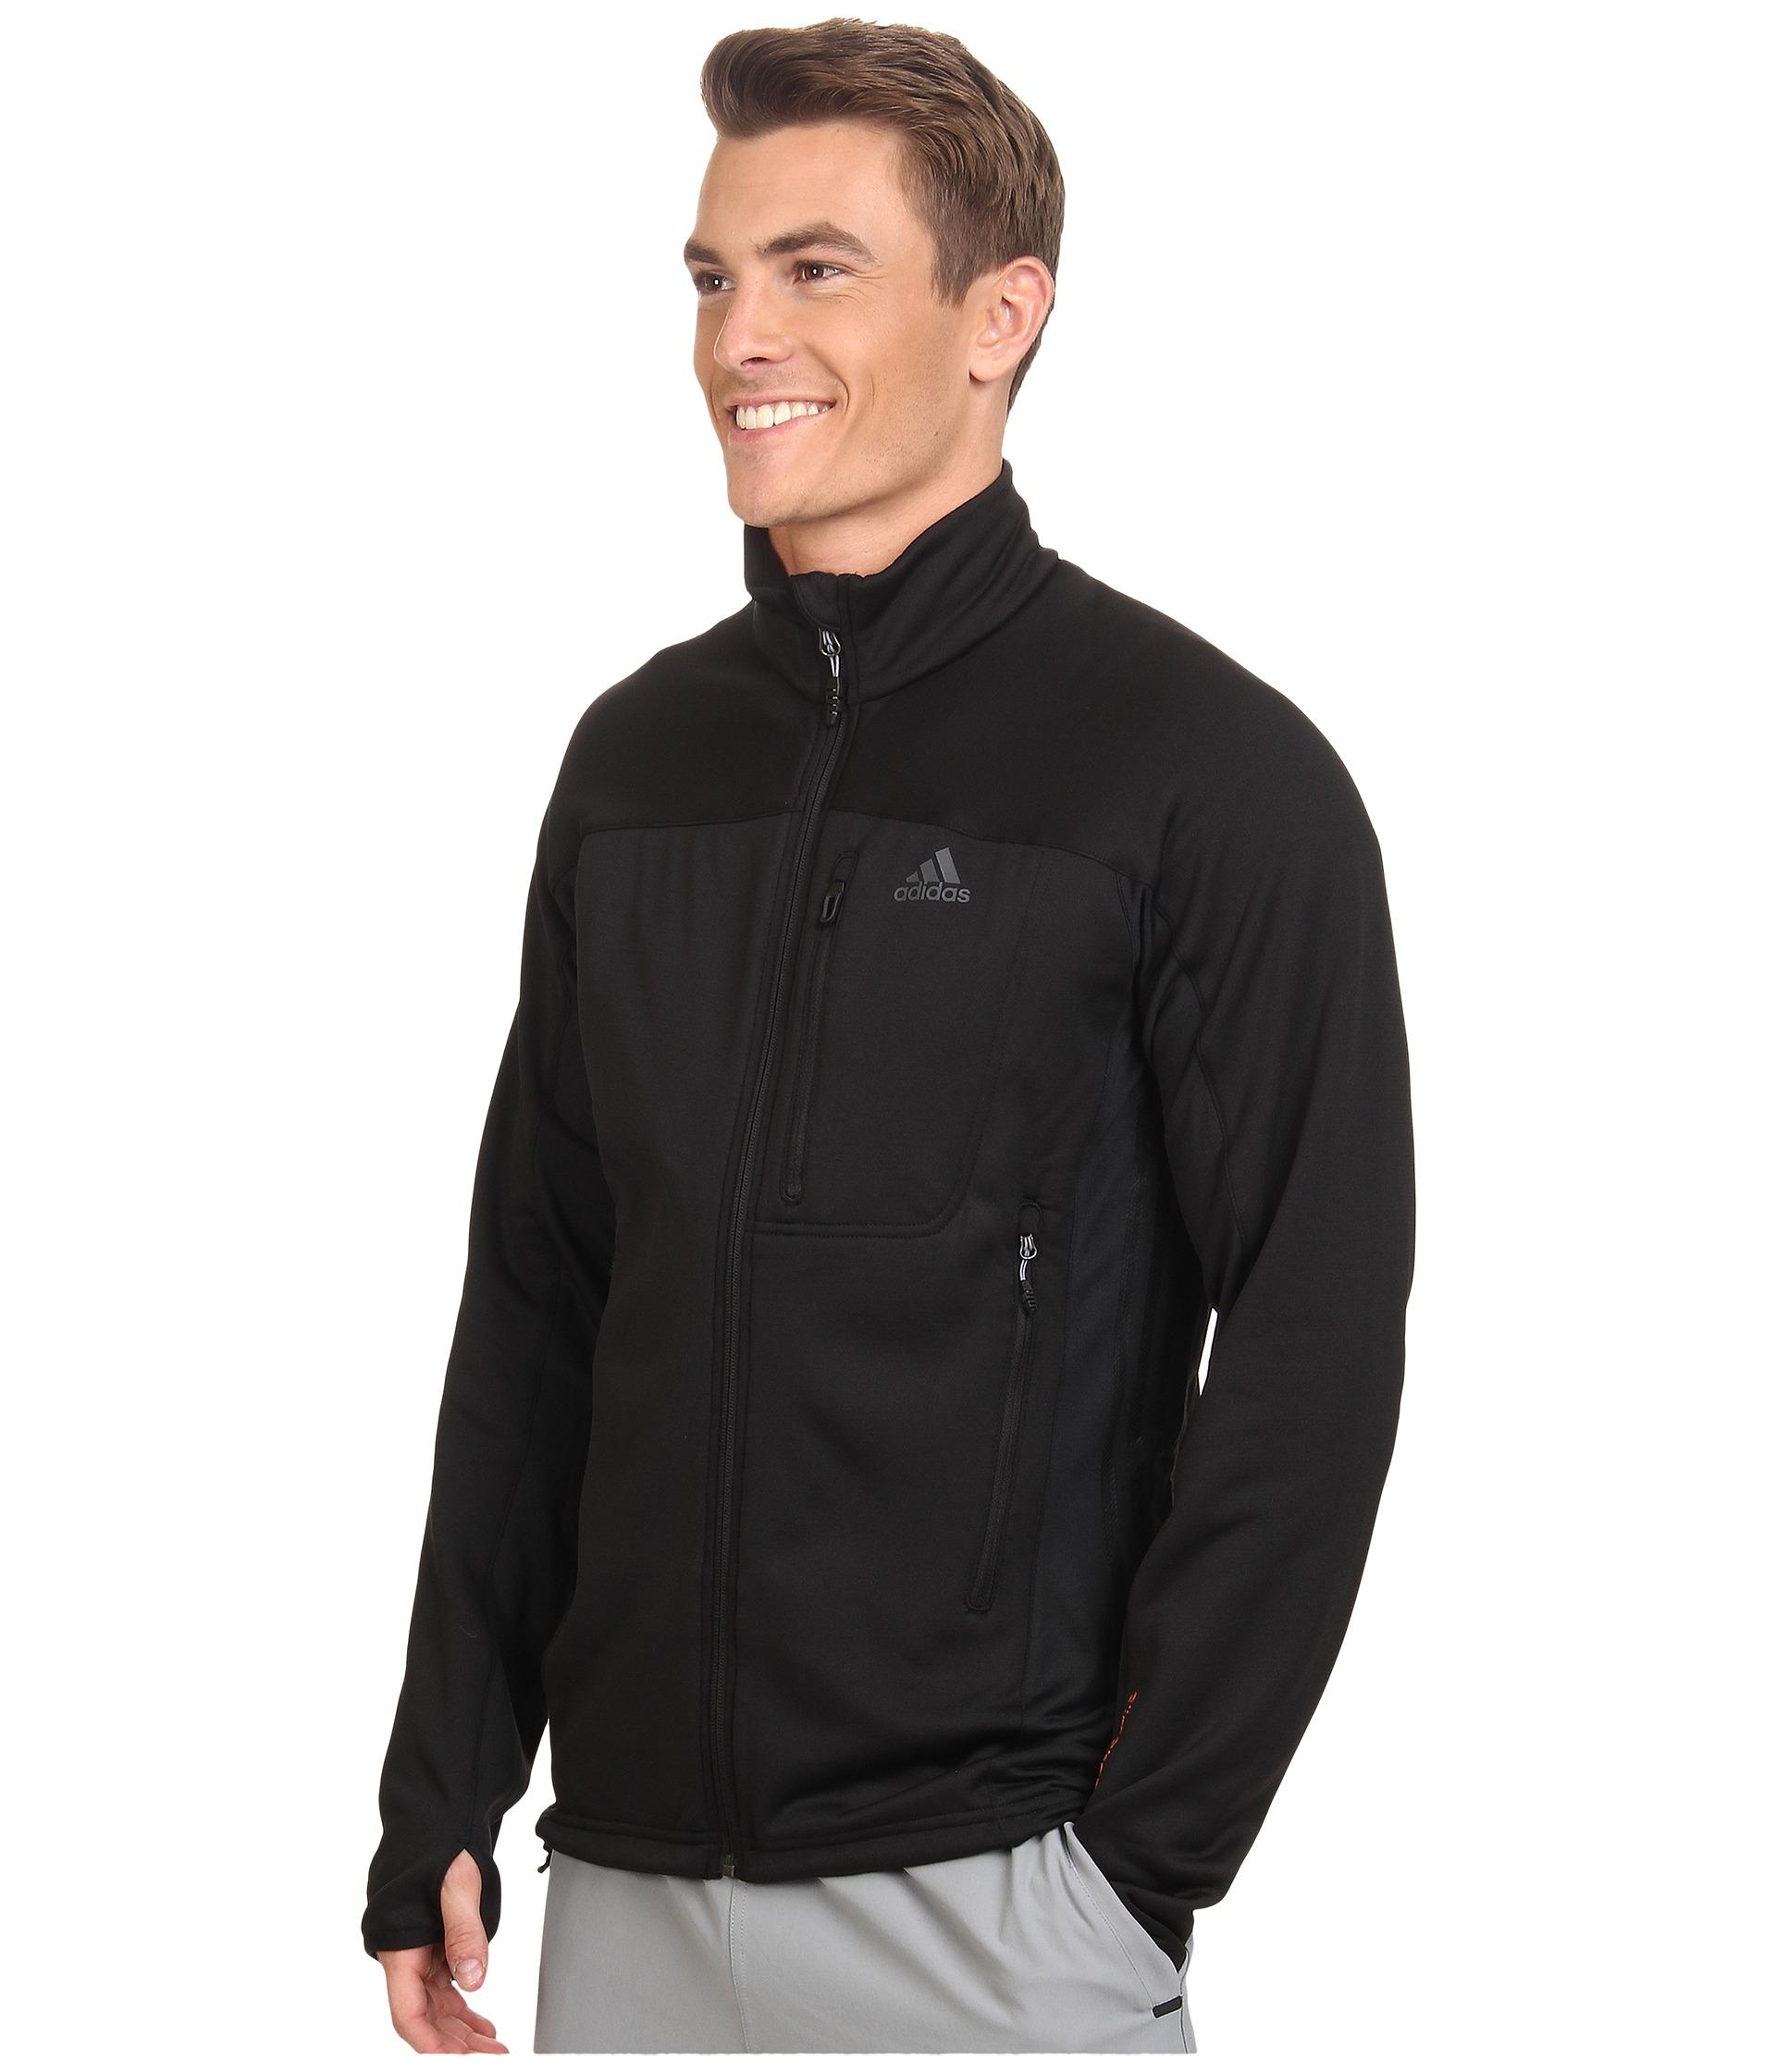 db6fea72d78a Lyst - adidas Terrex Swift Hollow Fleece Jacket in Black for Men